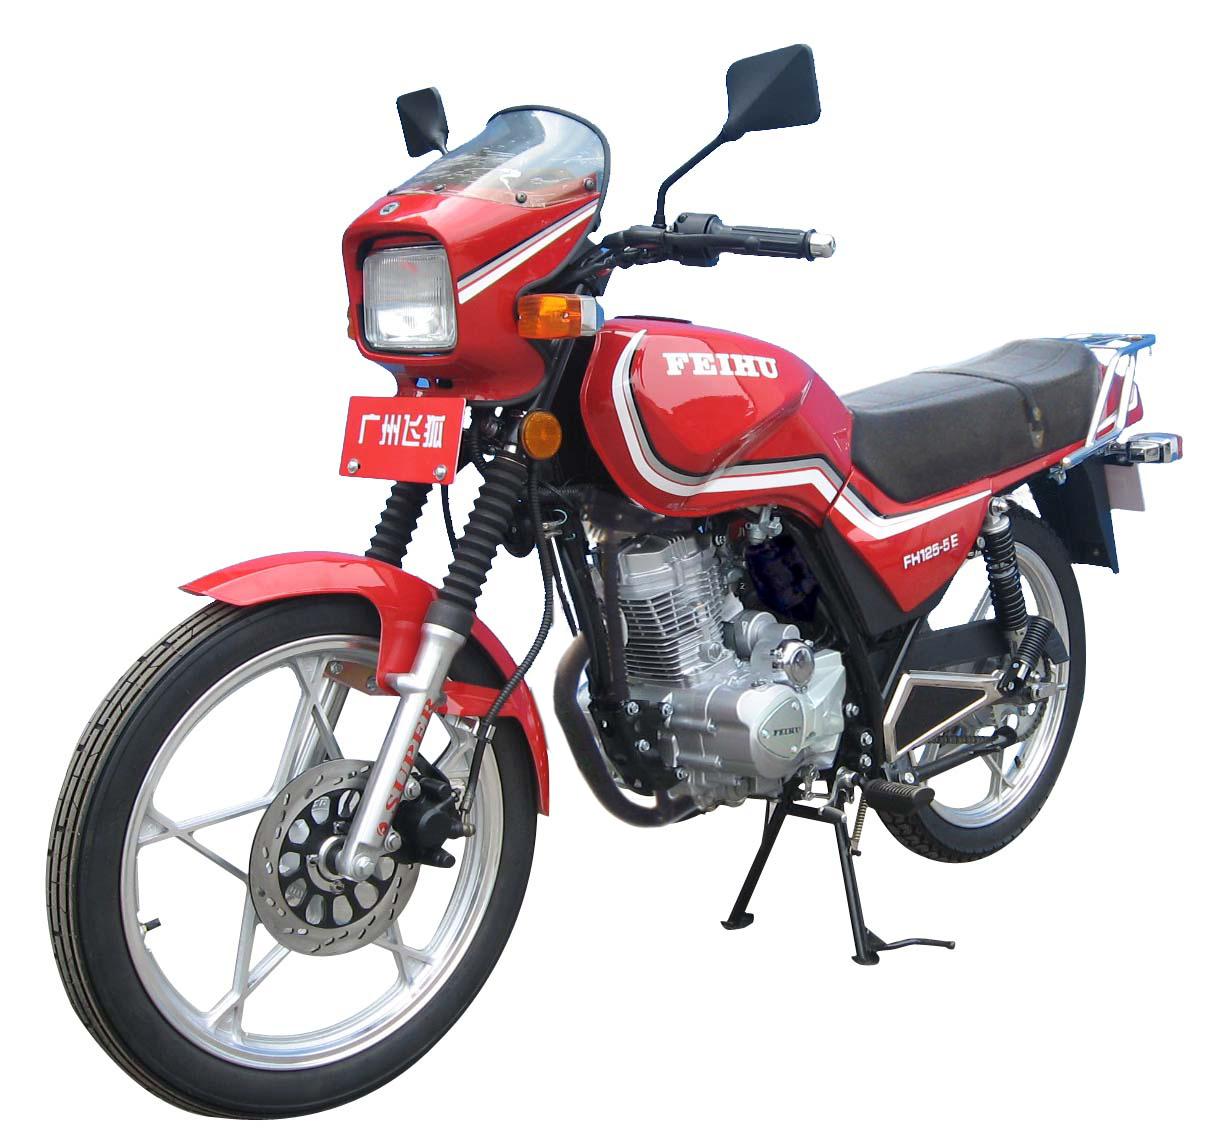 摩托车�:`'�fj9��:`(9.#�)��be�f_飞狐两轮摩托车